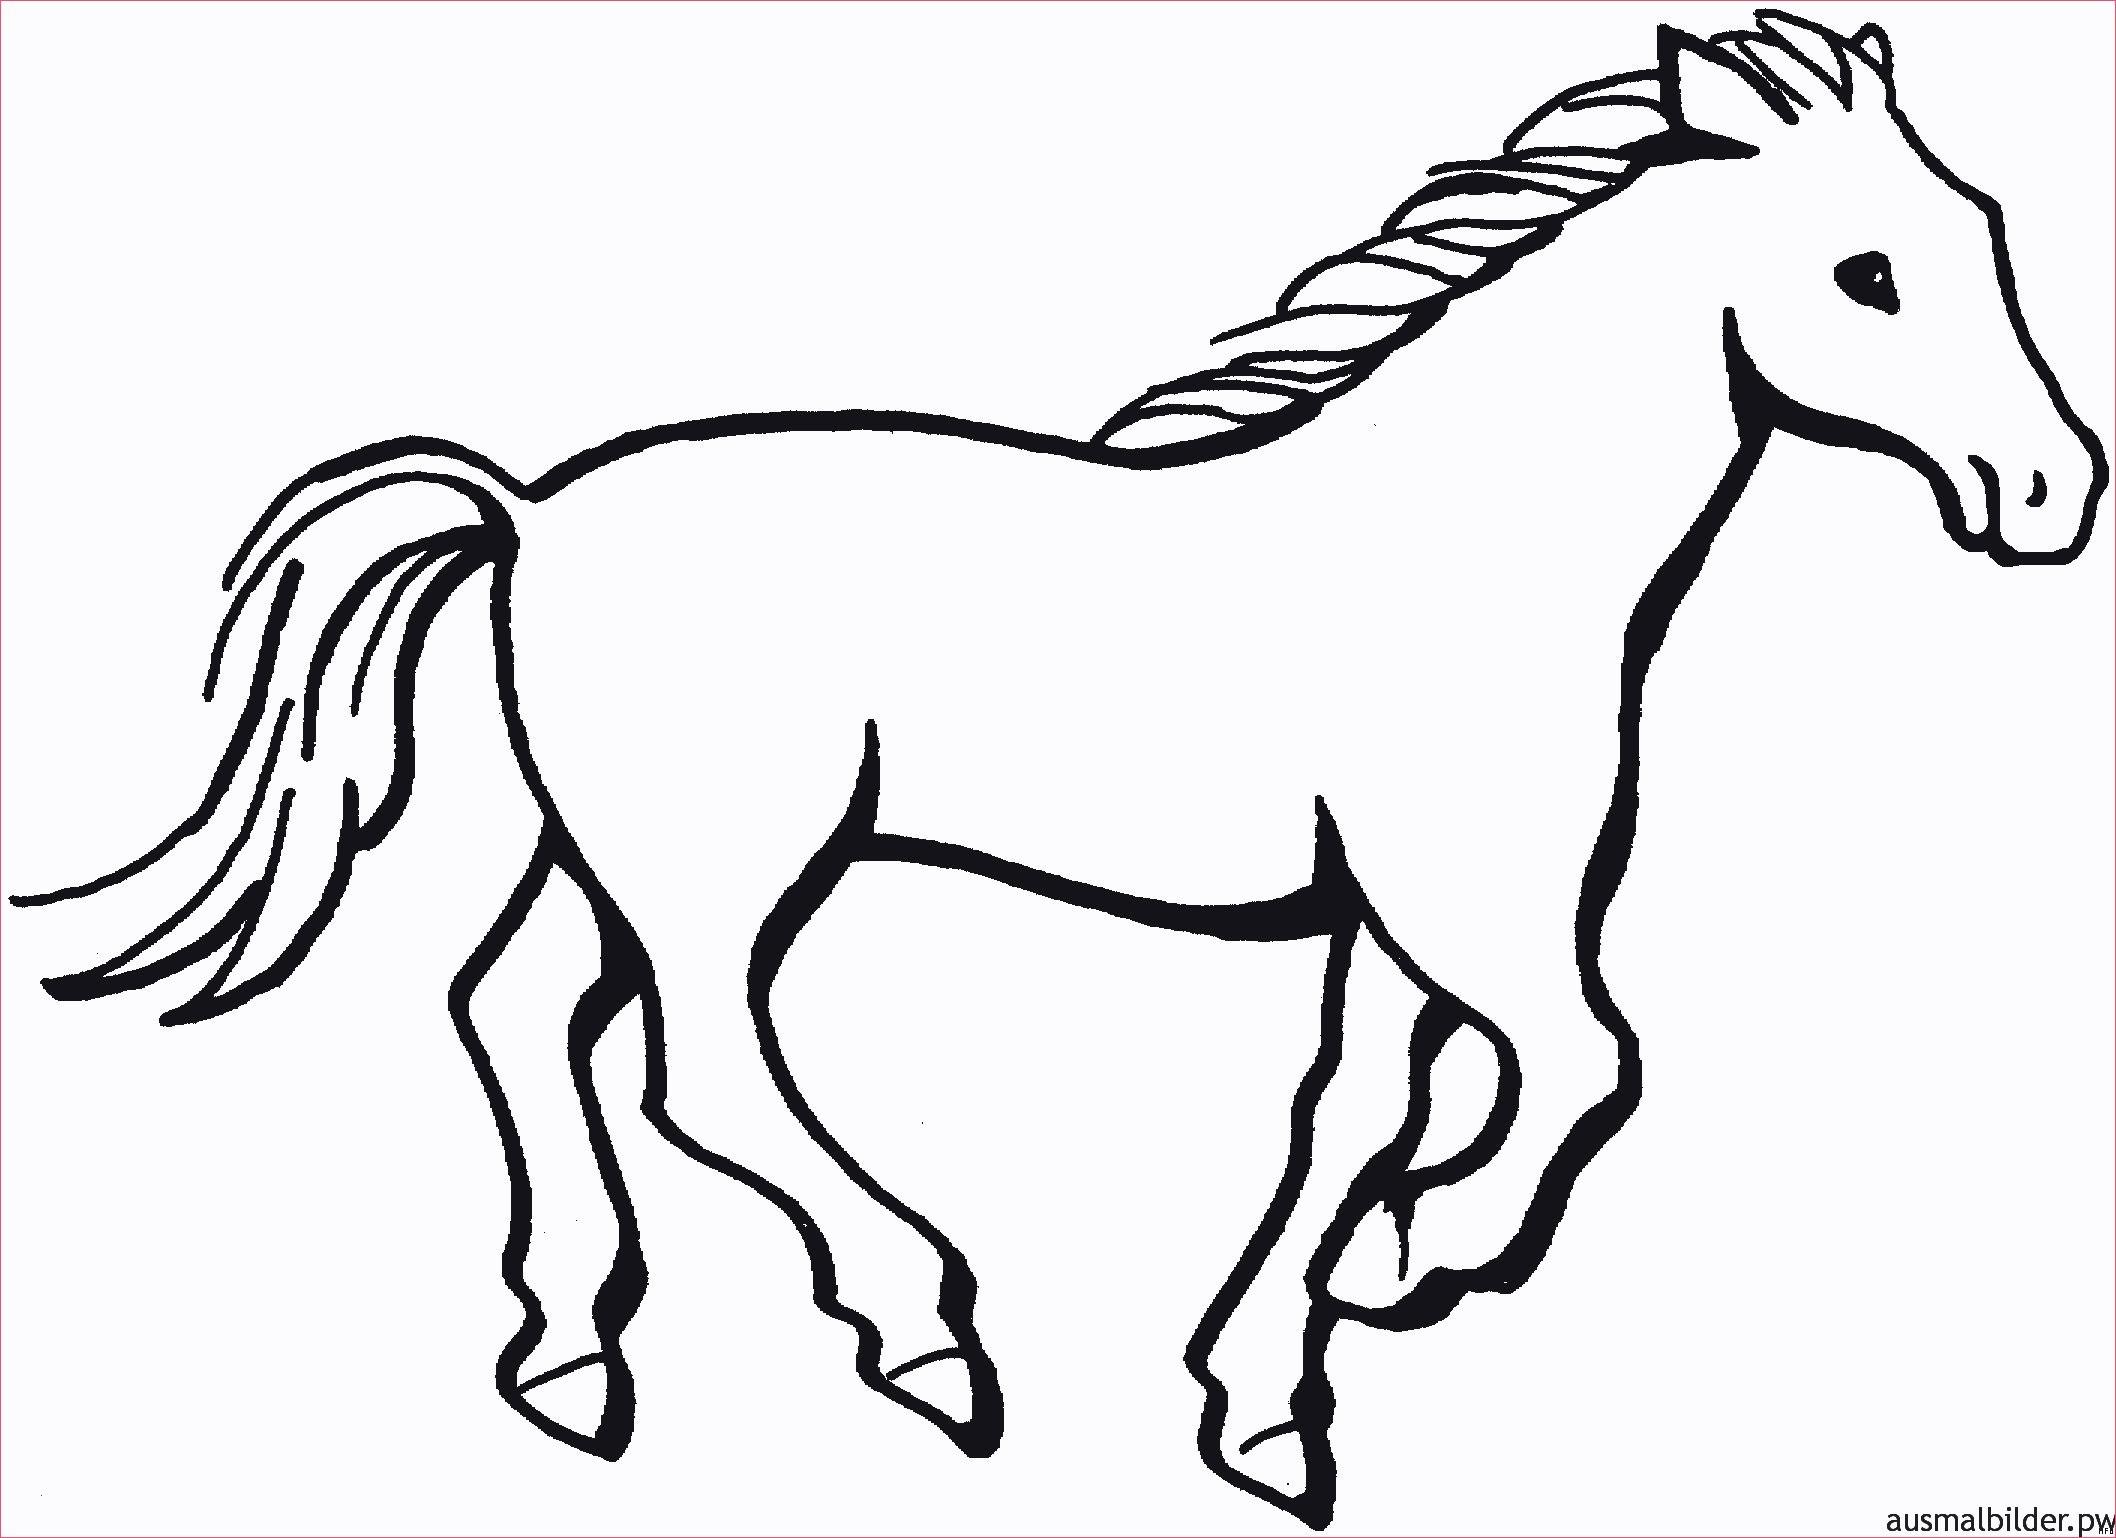 Pferde Ausmalbilder Zum Drucken Genial Pferde Bilder Zum Ausdrucken Unique 40 Pferde Ausmalbilder Zum Das Bild